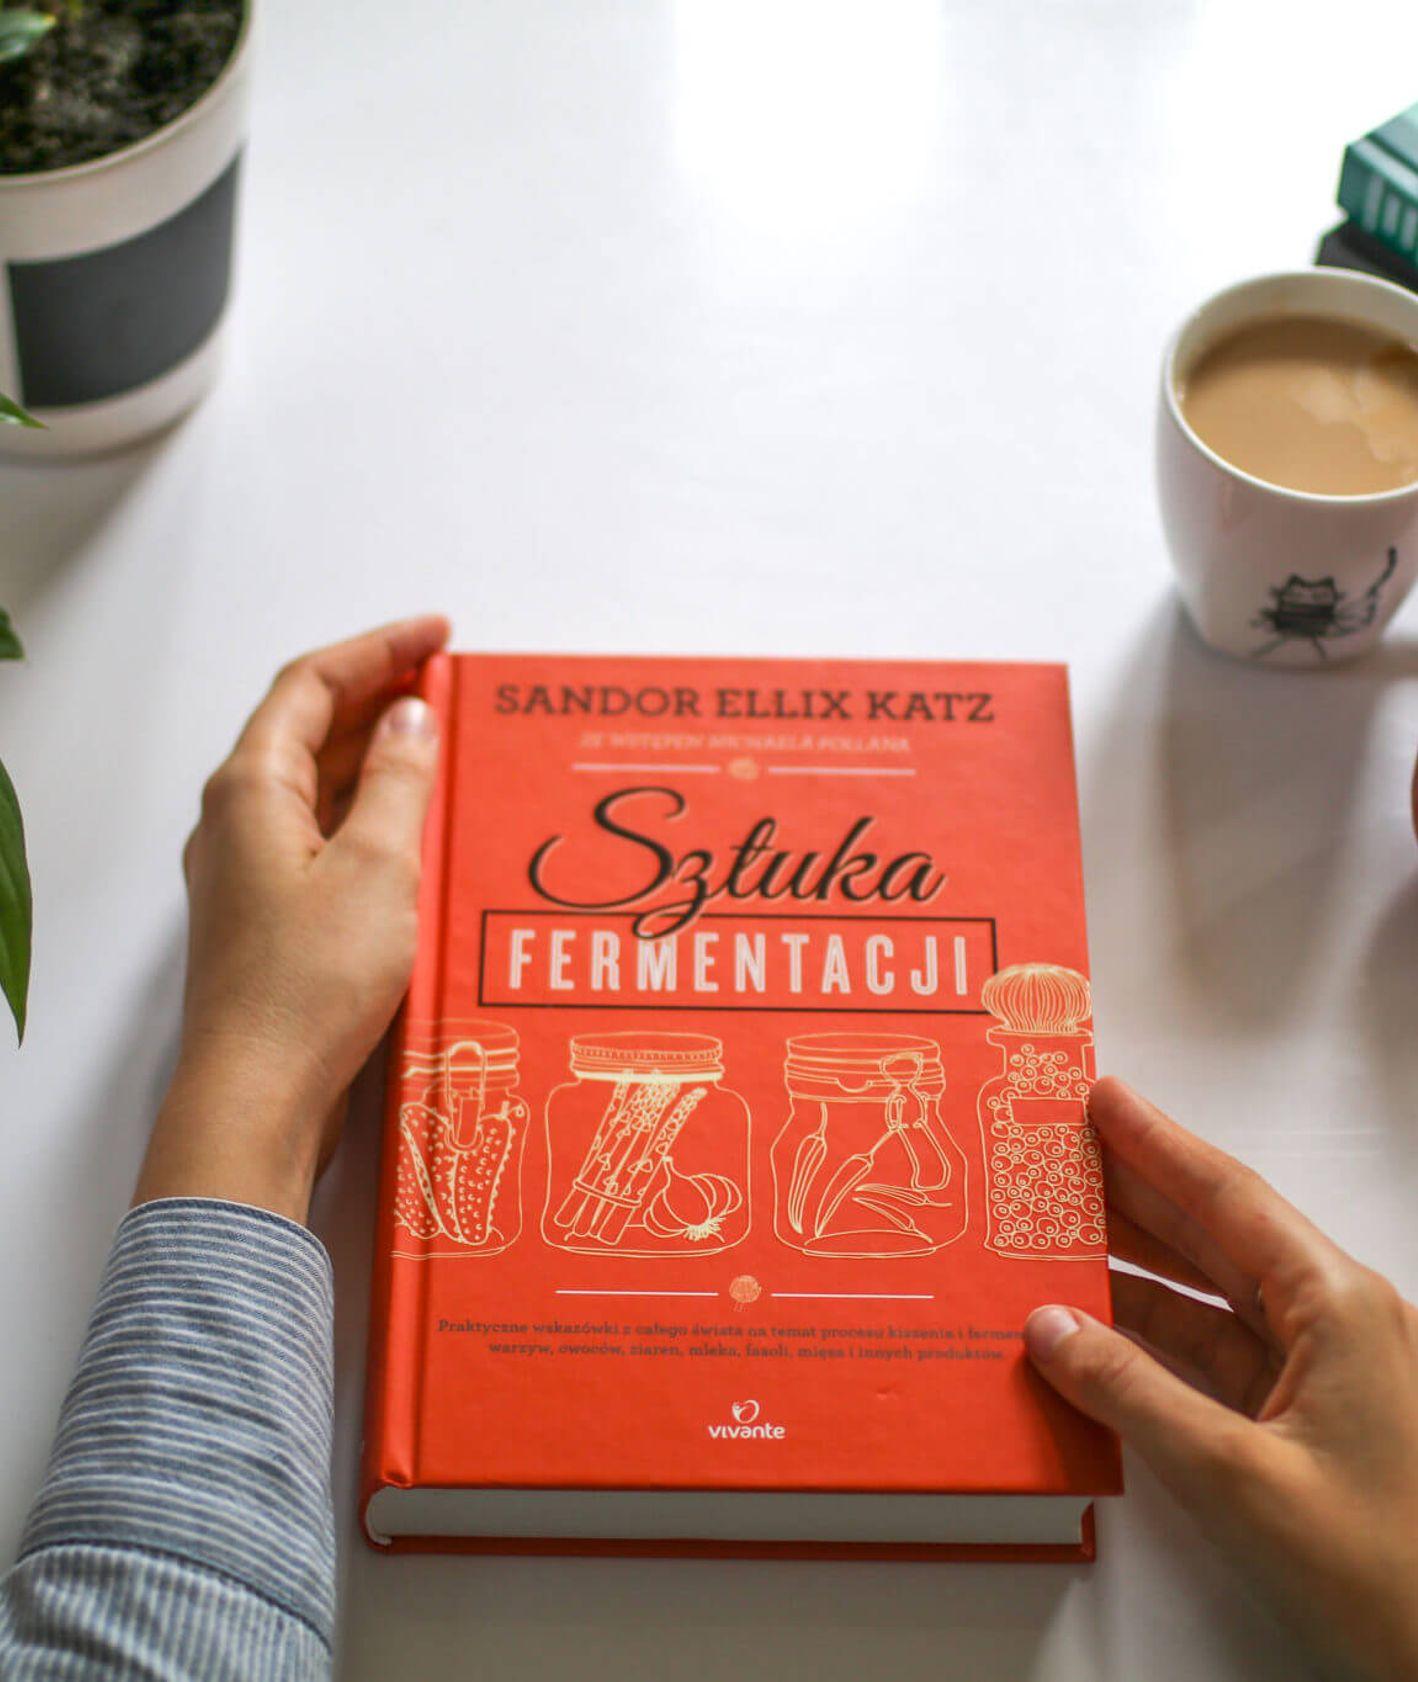 kiszonki, sztuka fermentacji, jak kisić, książki kukbuk, co czytać, książki kulinarne